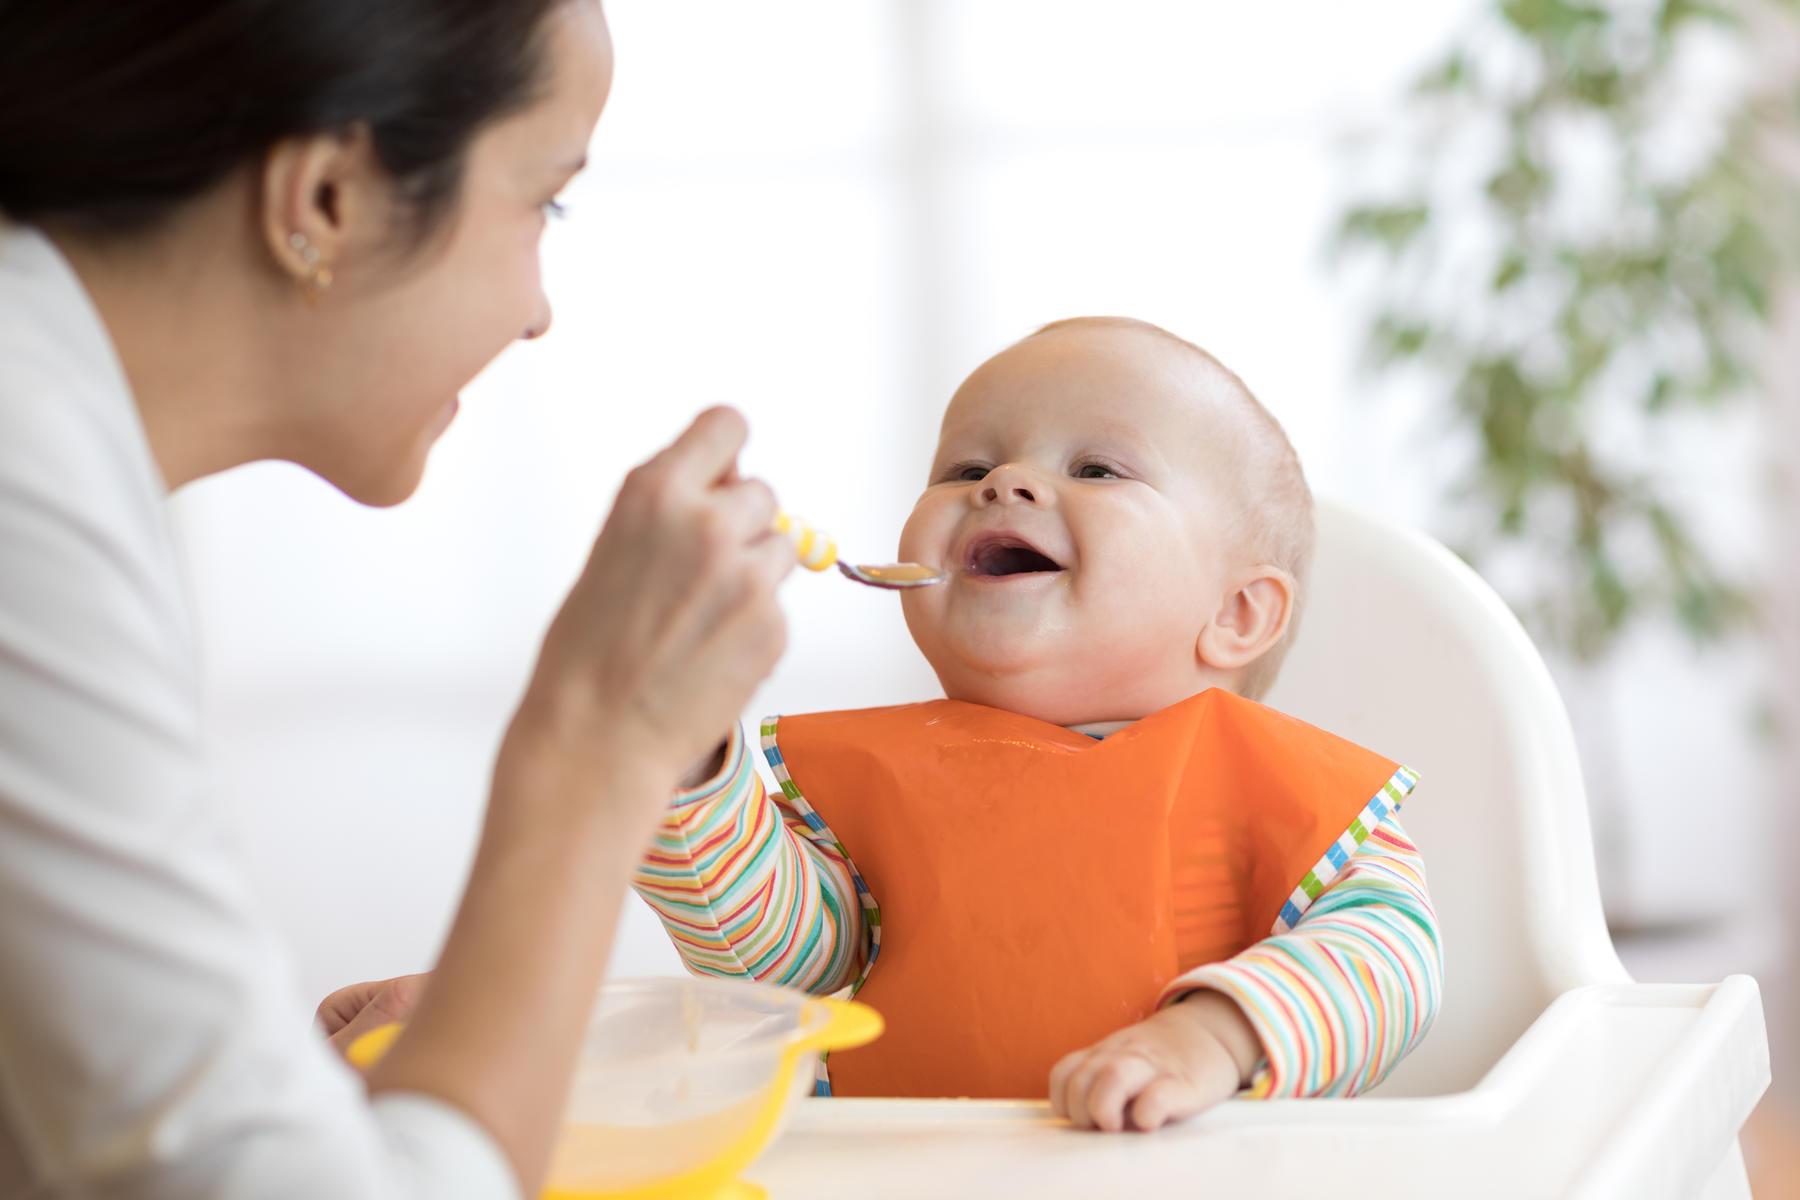 baba etetőszéket